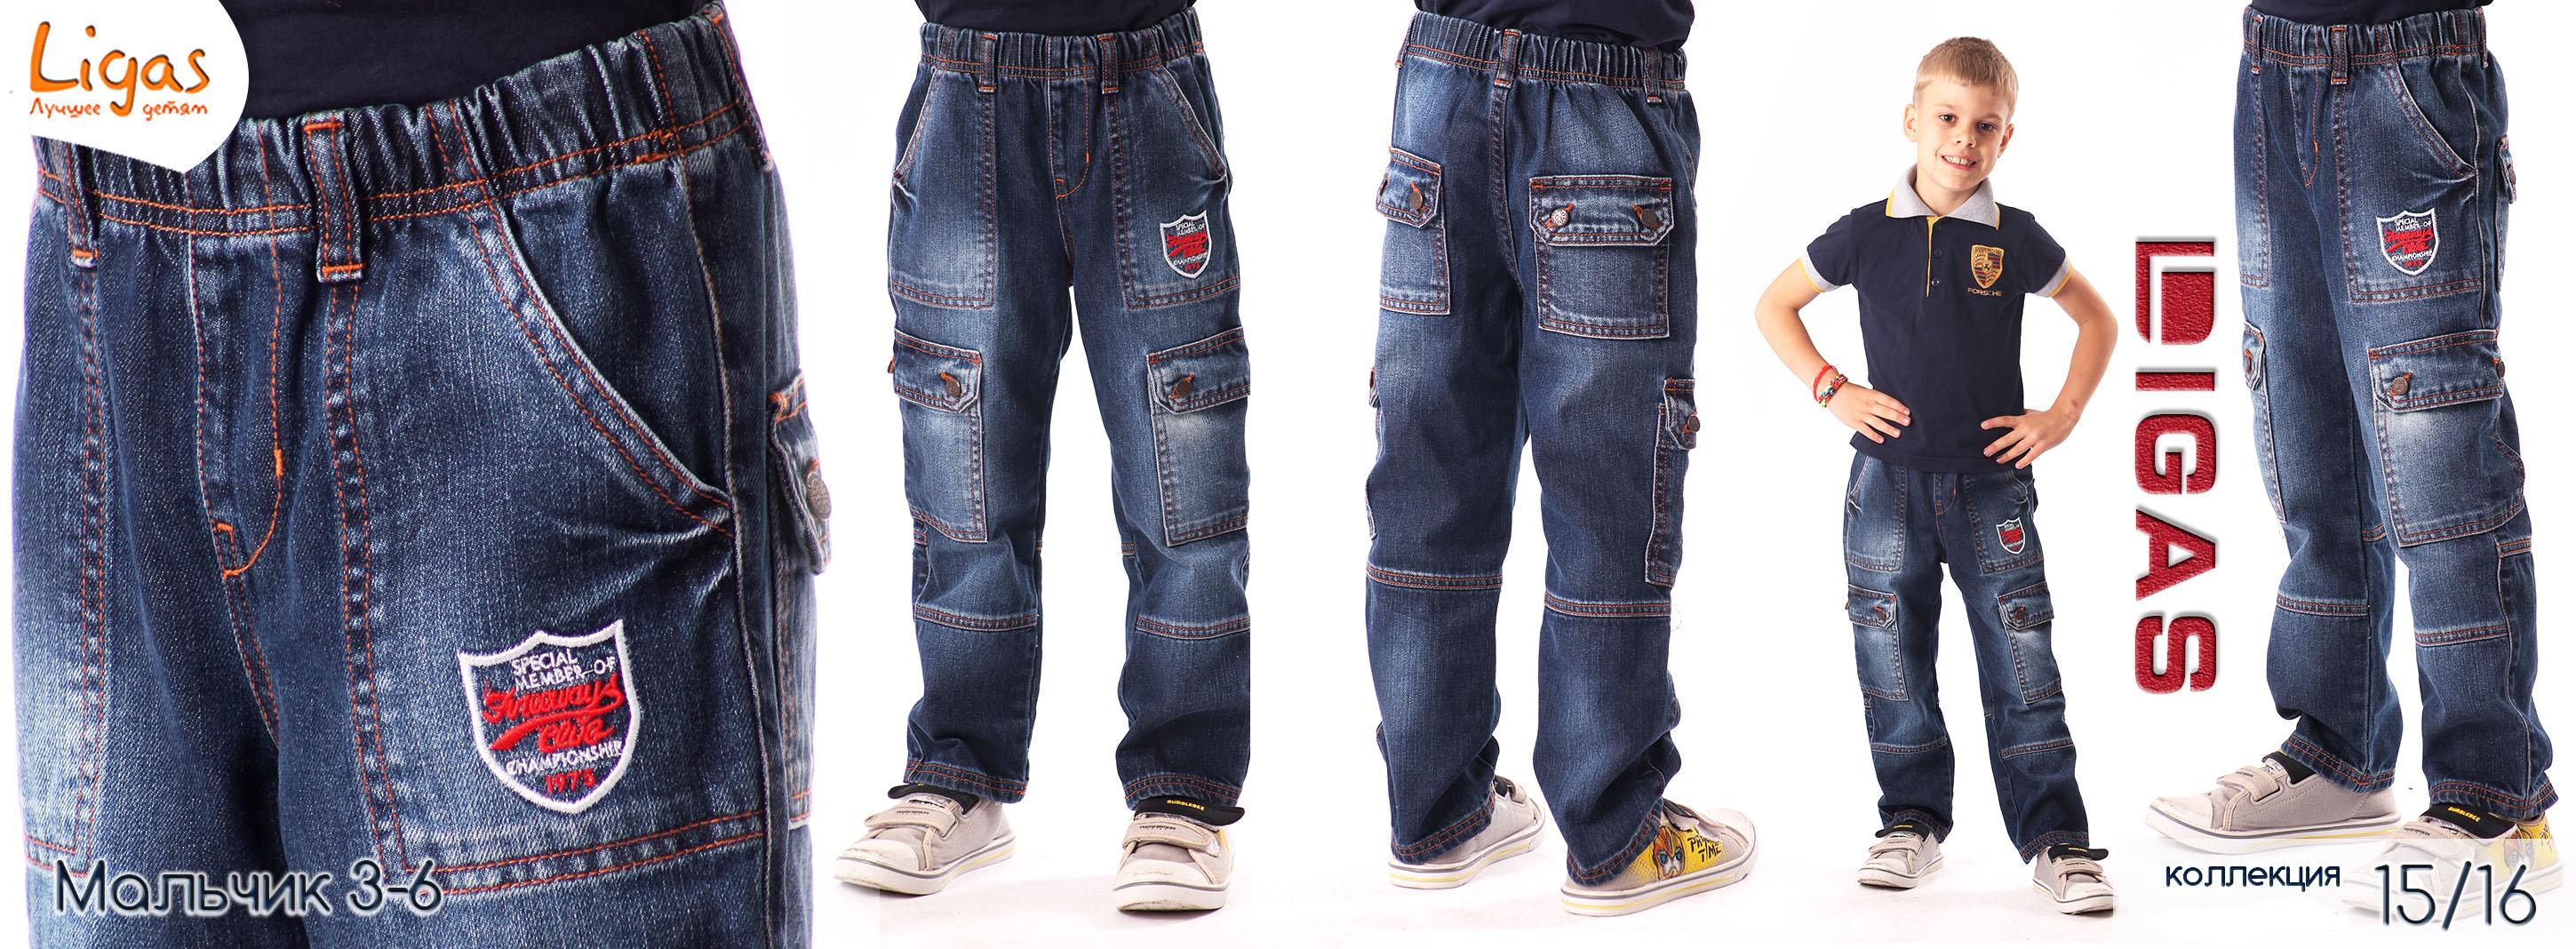 Сбор заказов-18. Распродажа коллекции прошлого года детской джинсовой и вельветовой одежды ТМ Ligas, Fabex, Republik